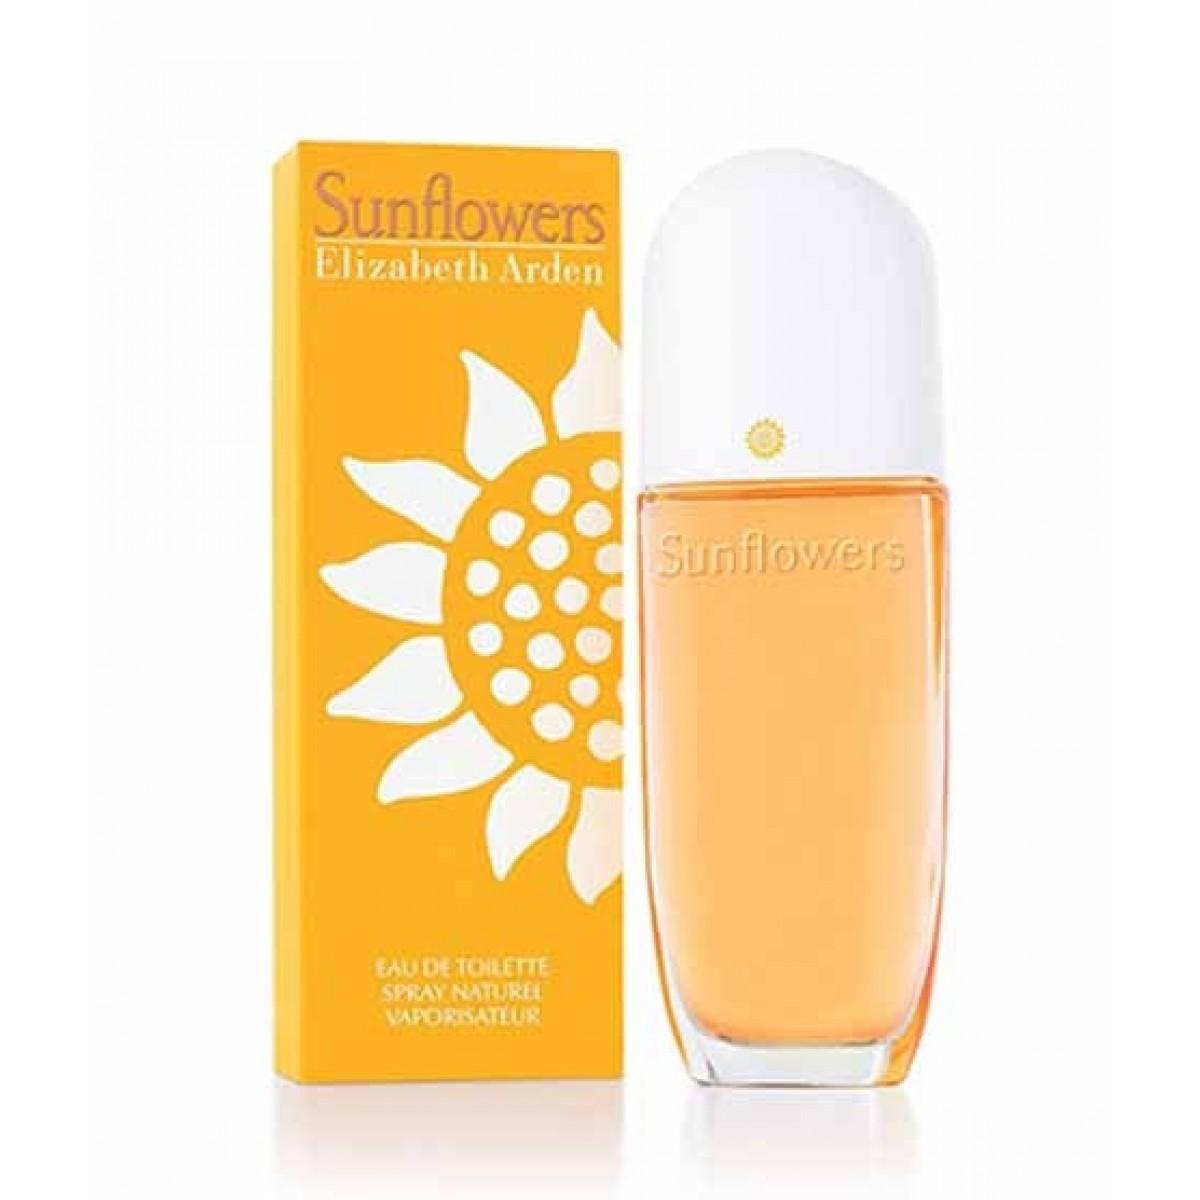 Elizabeth Arden Sunflowers Eau De Toilette For Women 100ml